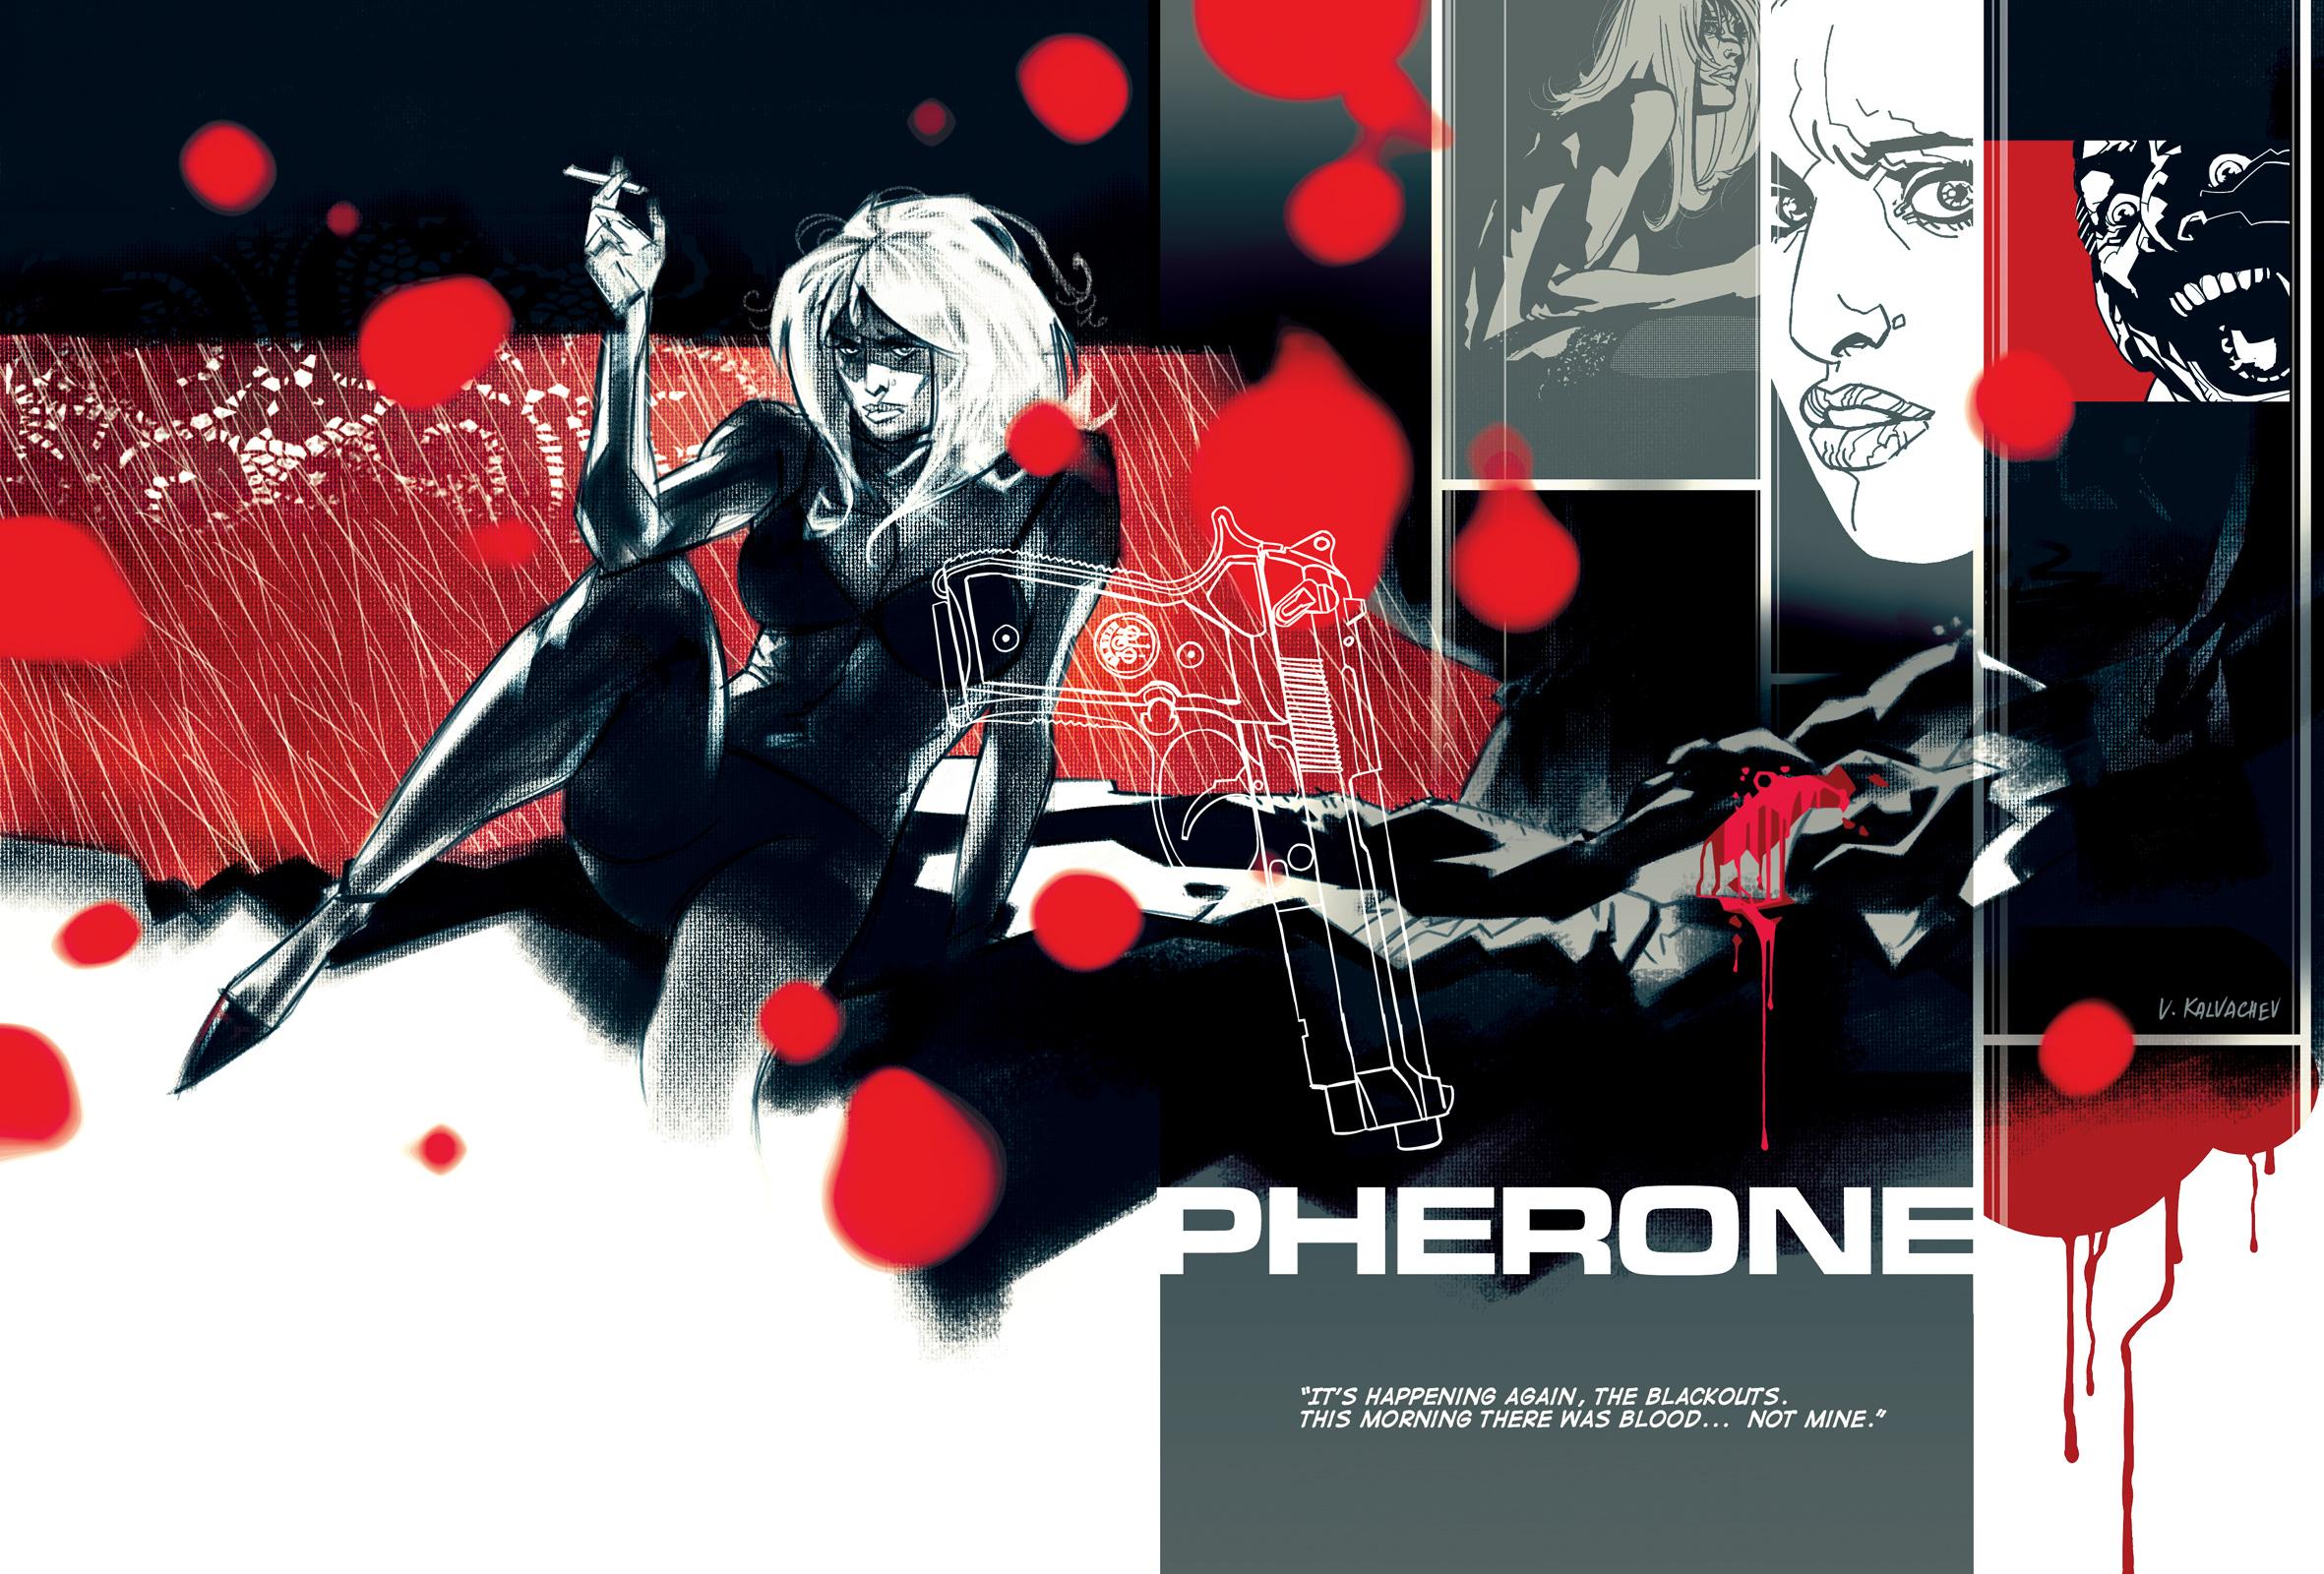 Pherone_title.jpg